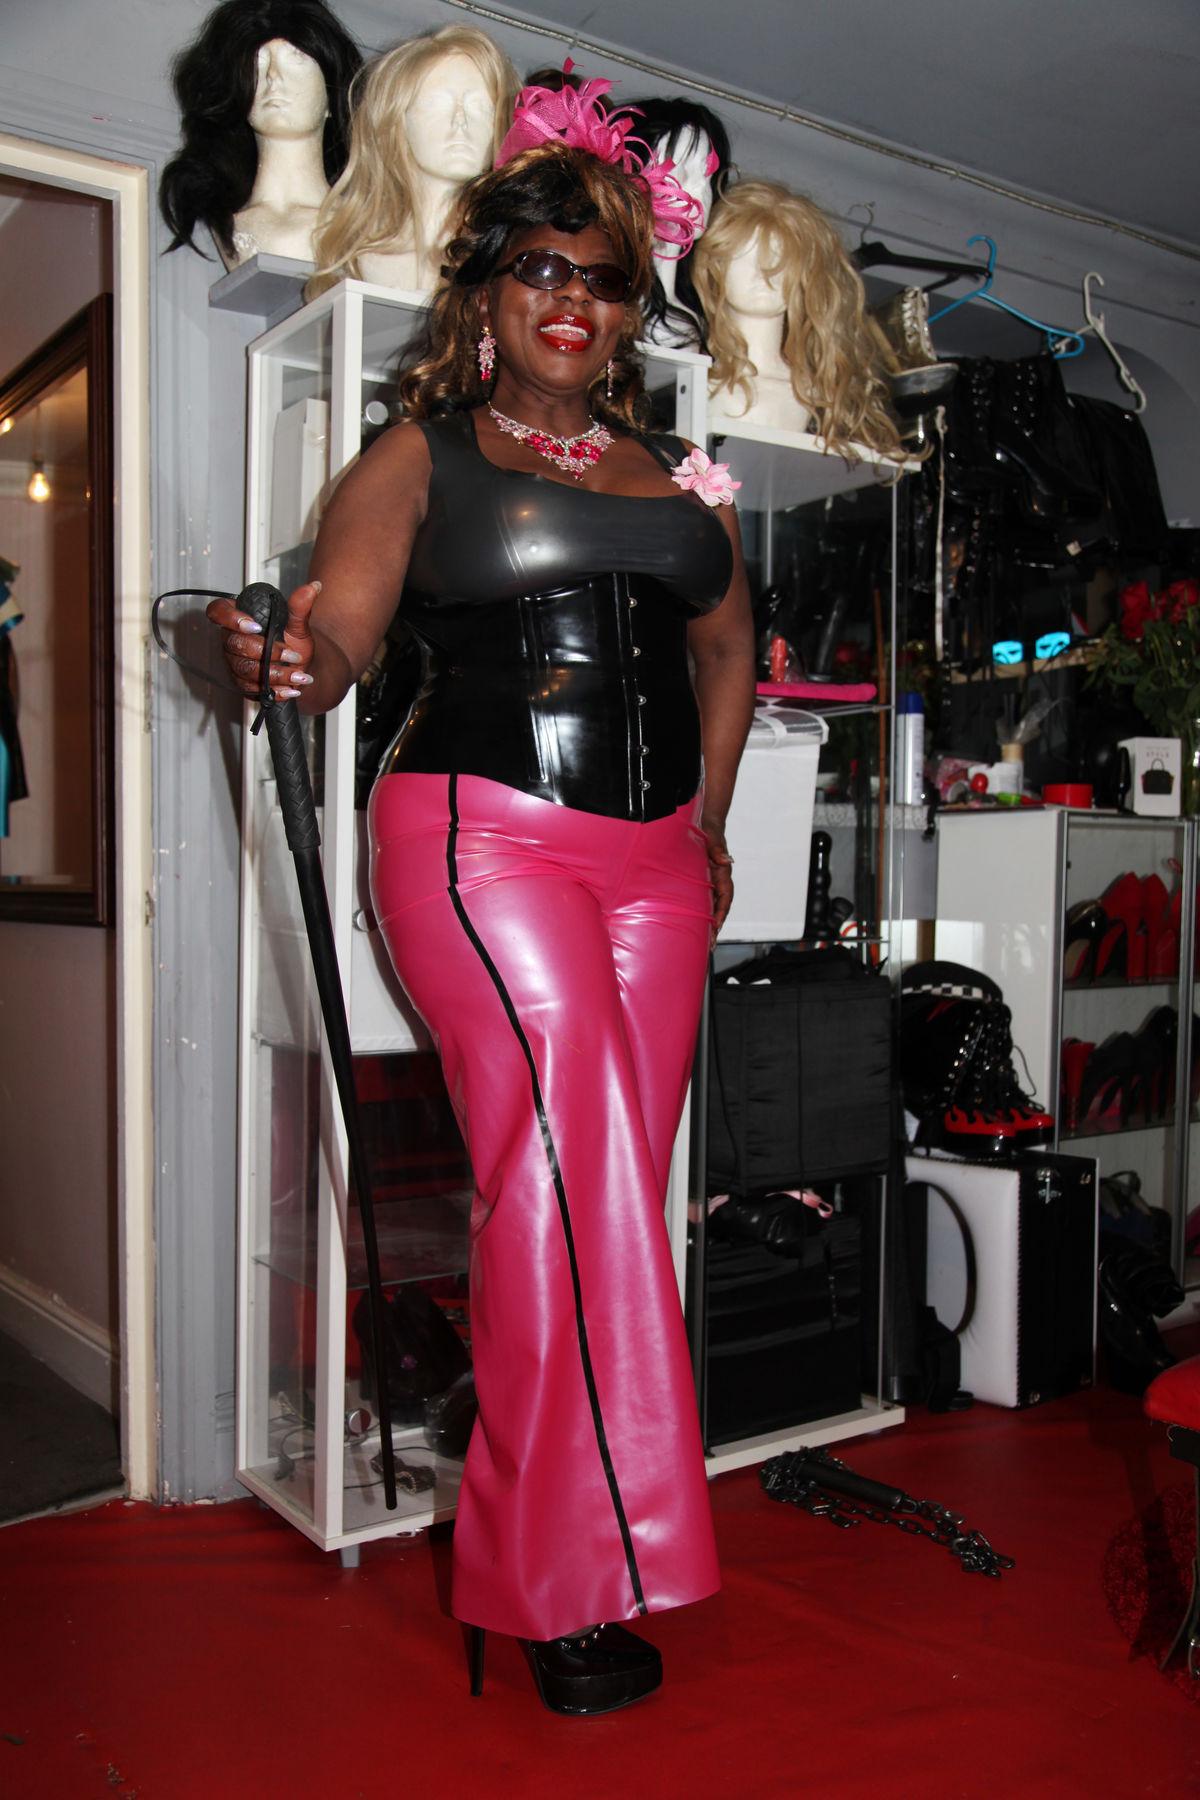 Goddess Dionne, British dominatrix in Manchester